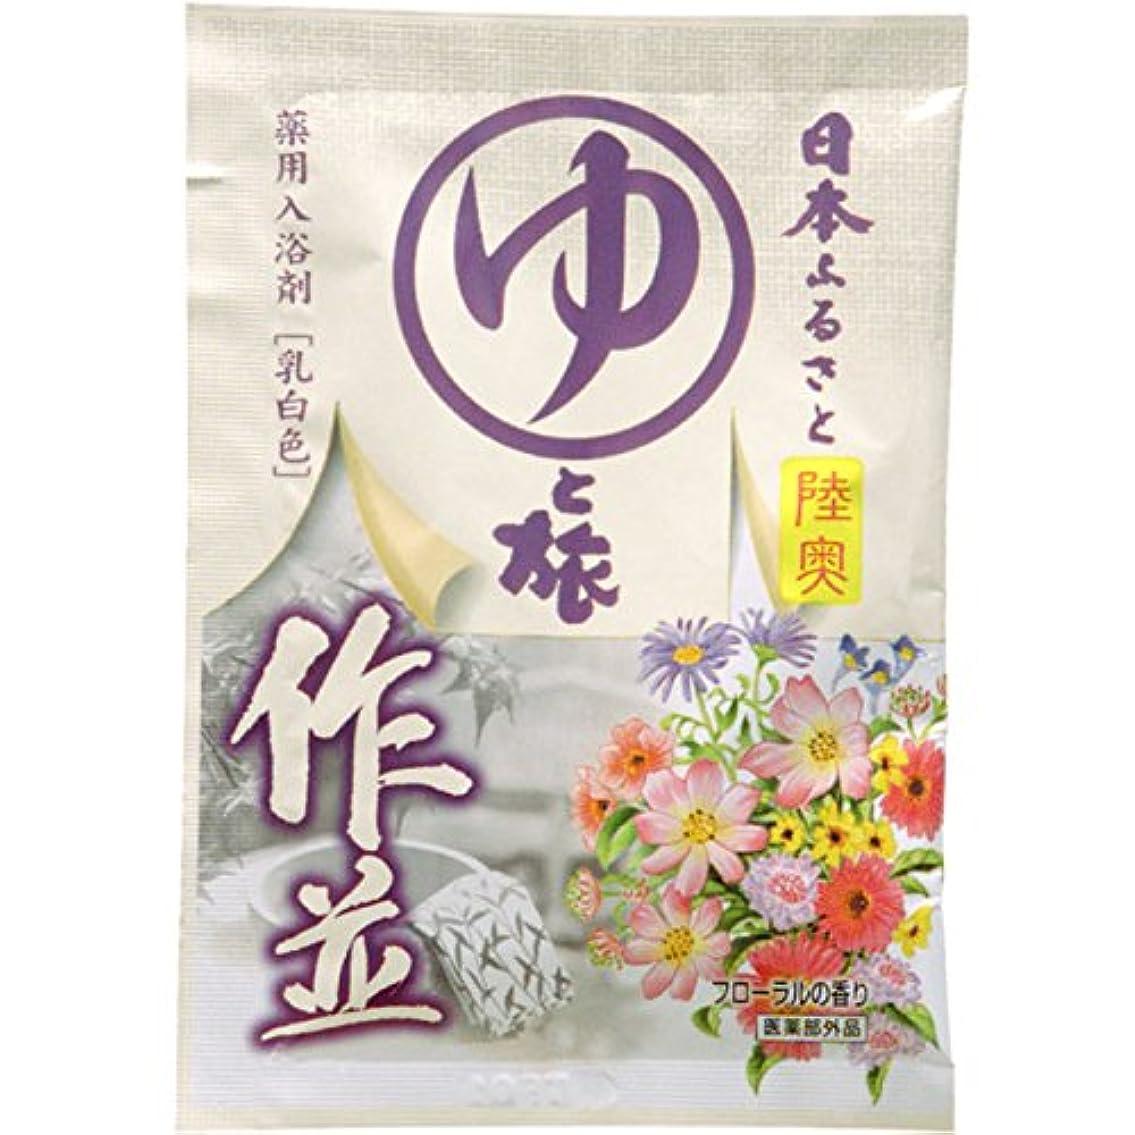 ミンチミュートキャストヤマサキの入浴剤シリーズ 作並(入浴剤)